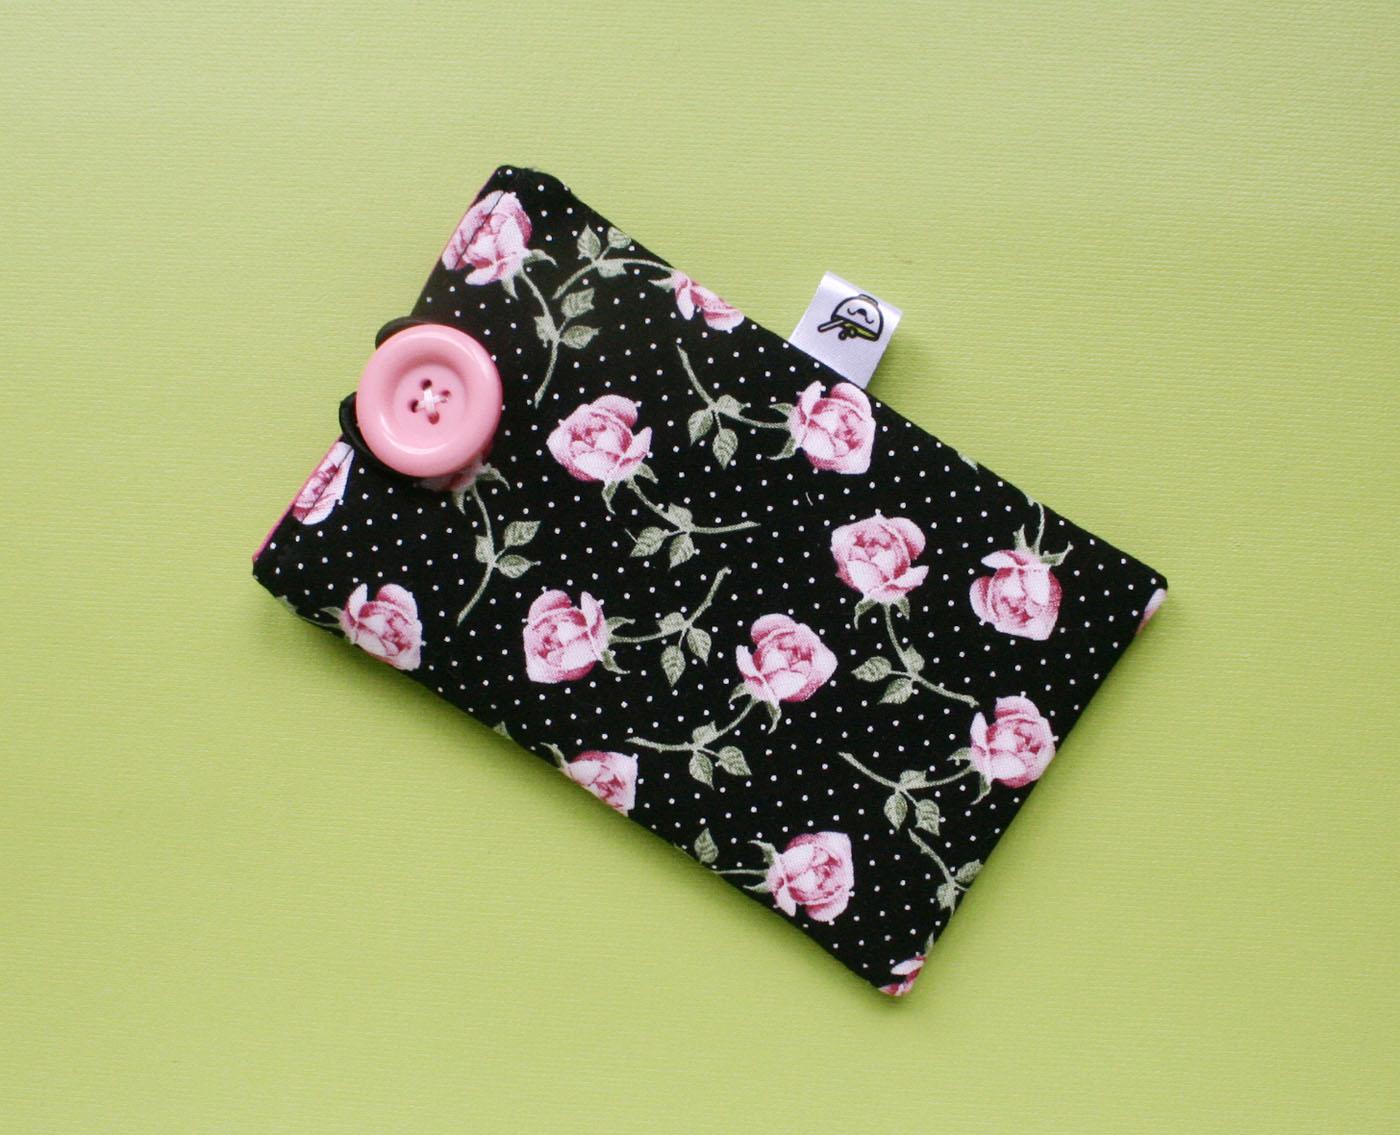 Bolsa Em Tecido Para Telemovel : Capa para celular tecido importado meia tigela elo